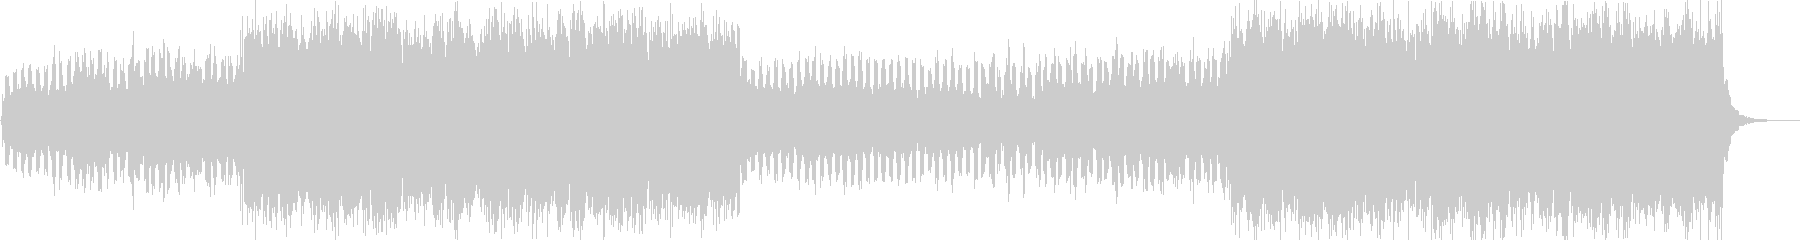 シンセとボイスチョップのCM向けハウスの未再生の波形